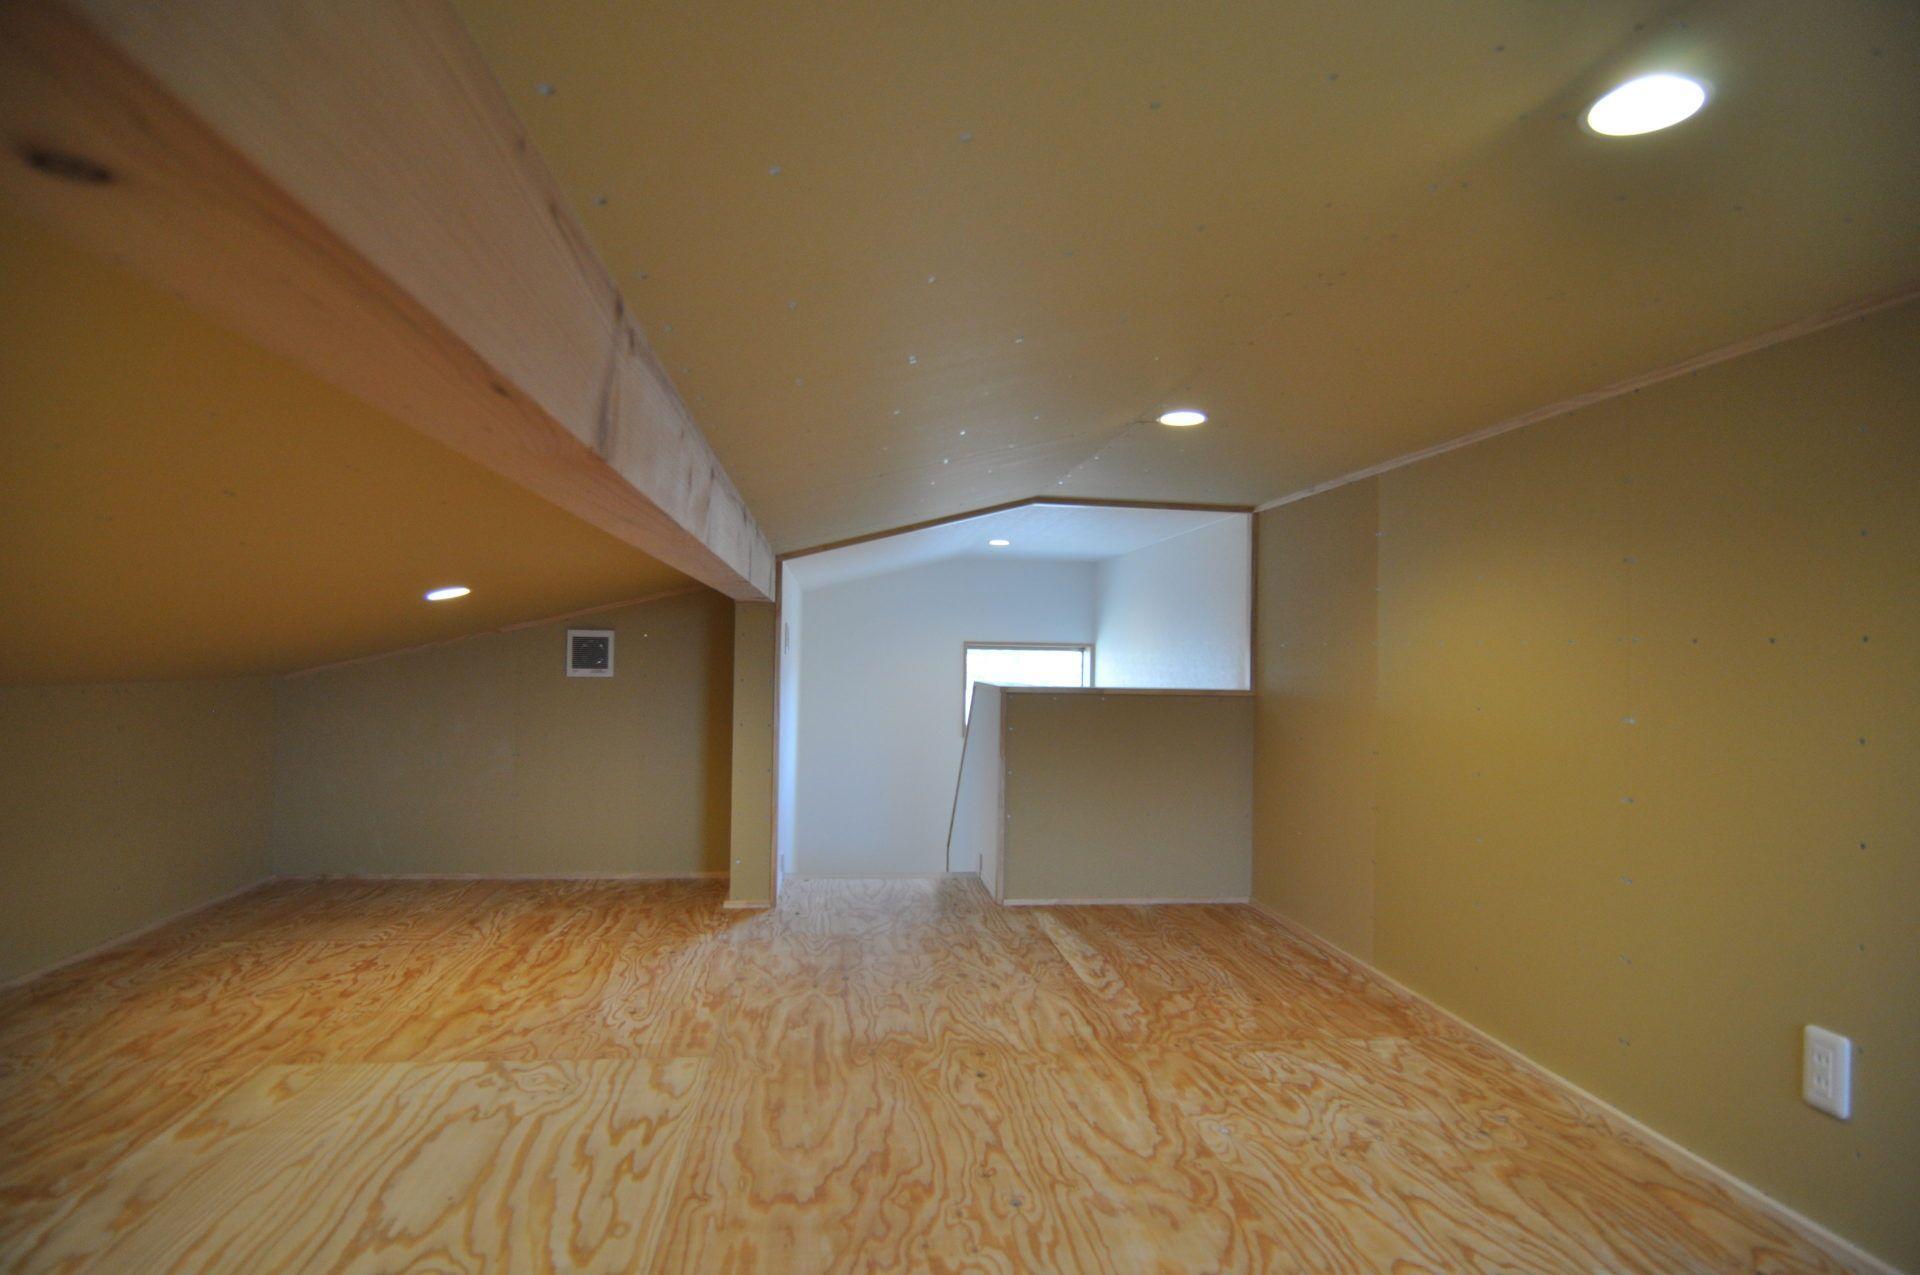 有限会社 市川建築店 1級建築士事務所「加茂市 Y様邸」のシンプル・ナチュラル・モダンなロフト・中二階の実例写真